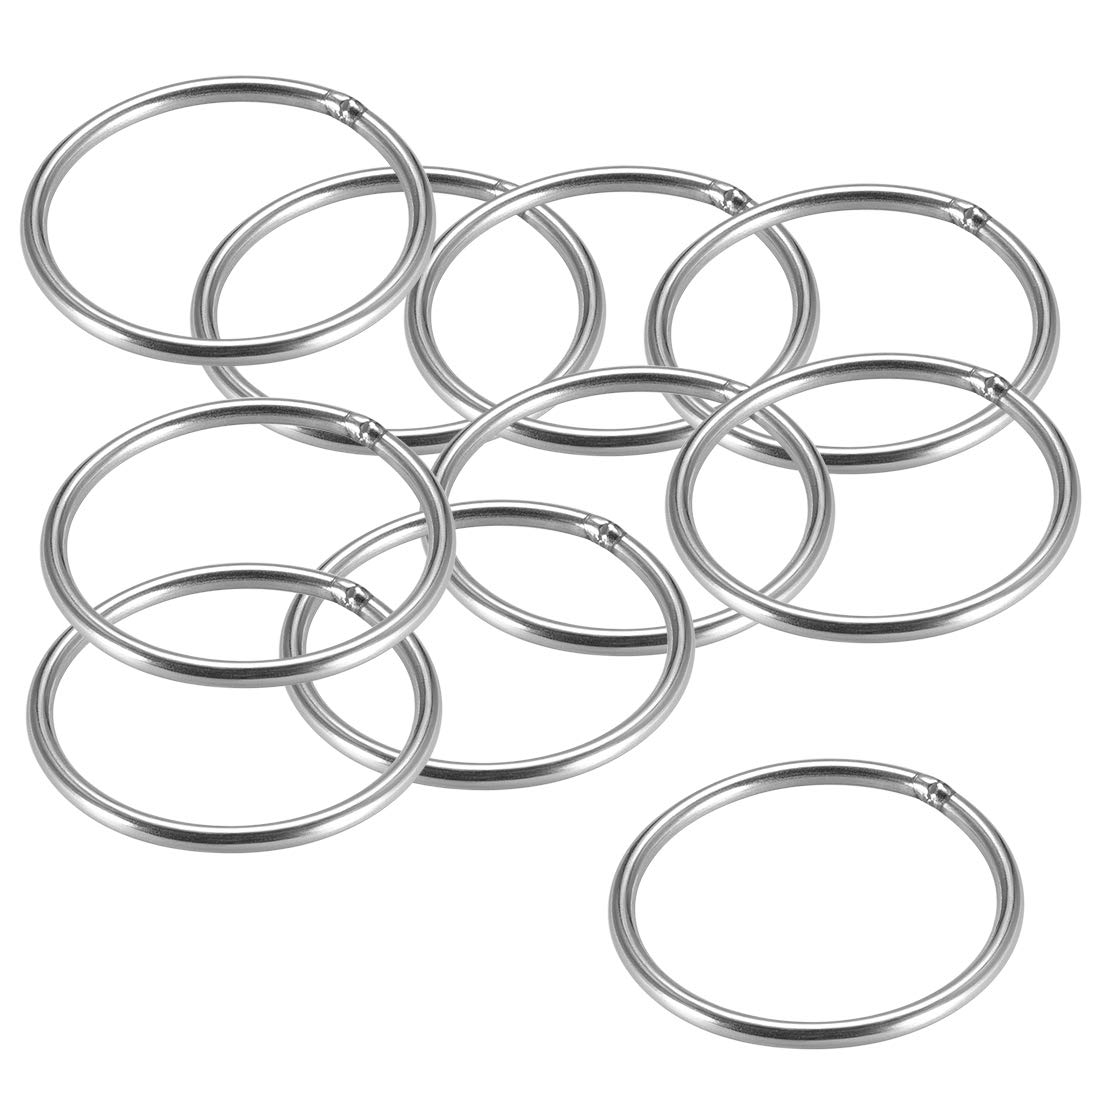 sourcing map Joint torique soud/é 30 x 3mm Cerclage anneaux ronds Acier Inox 10Pcs